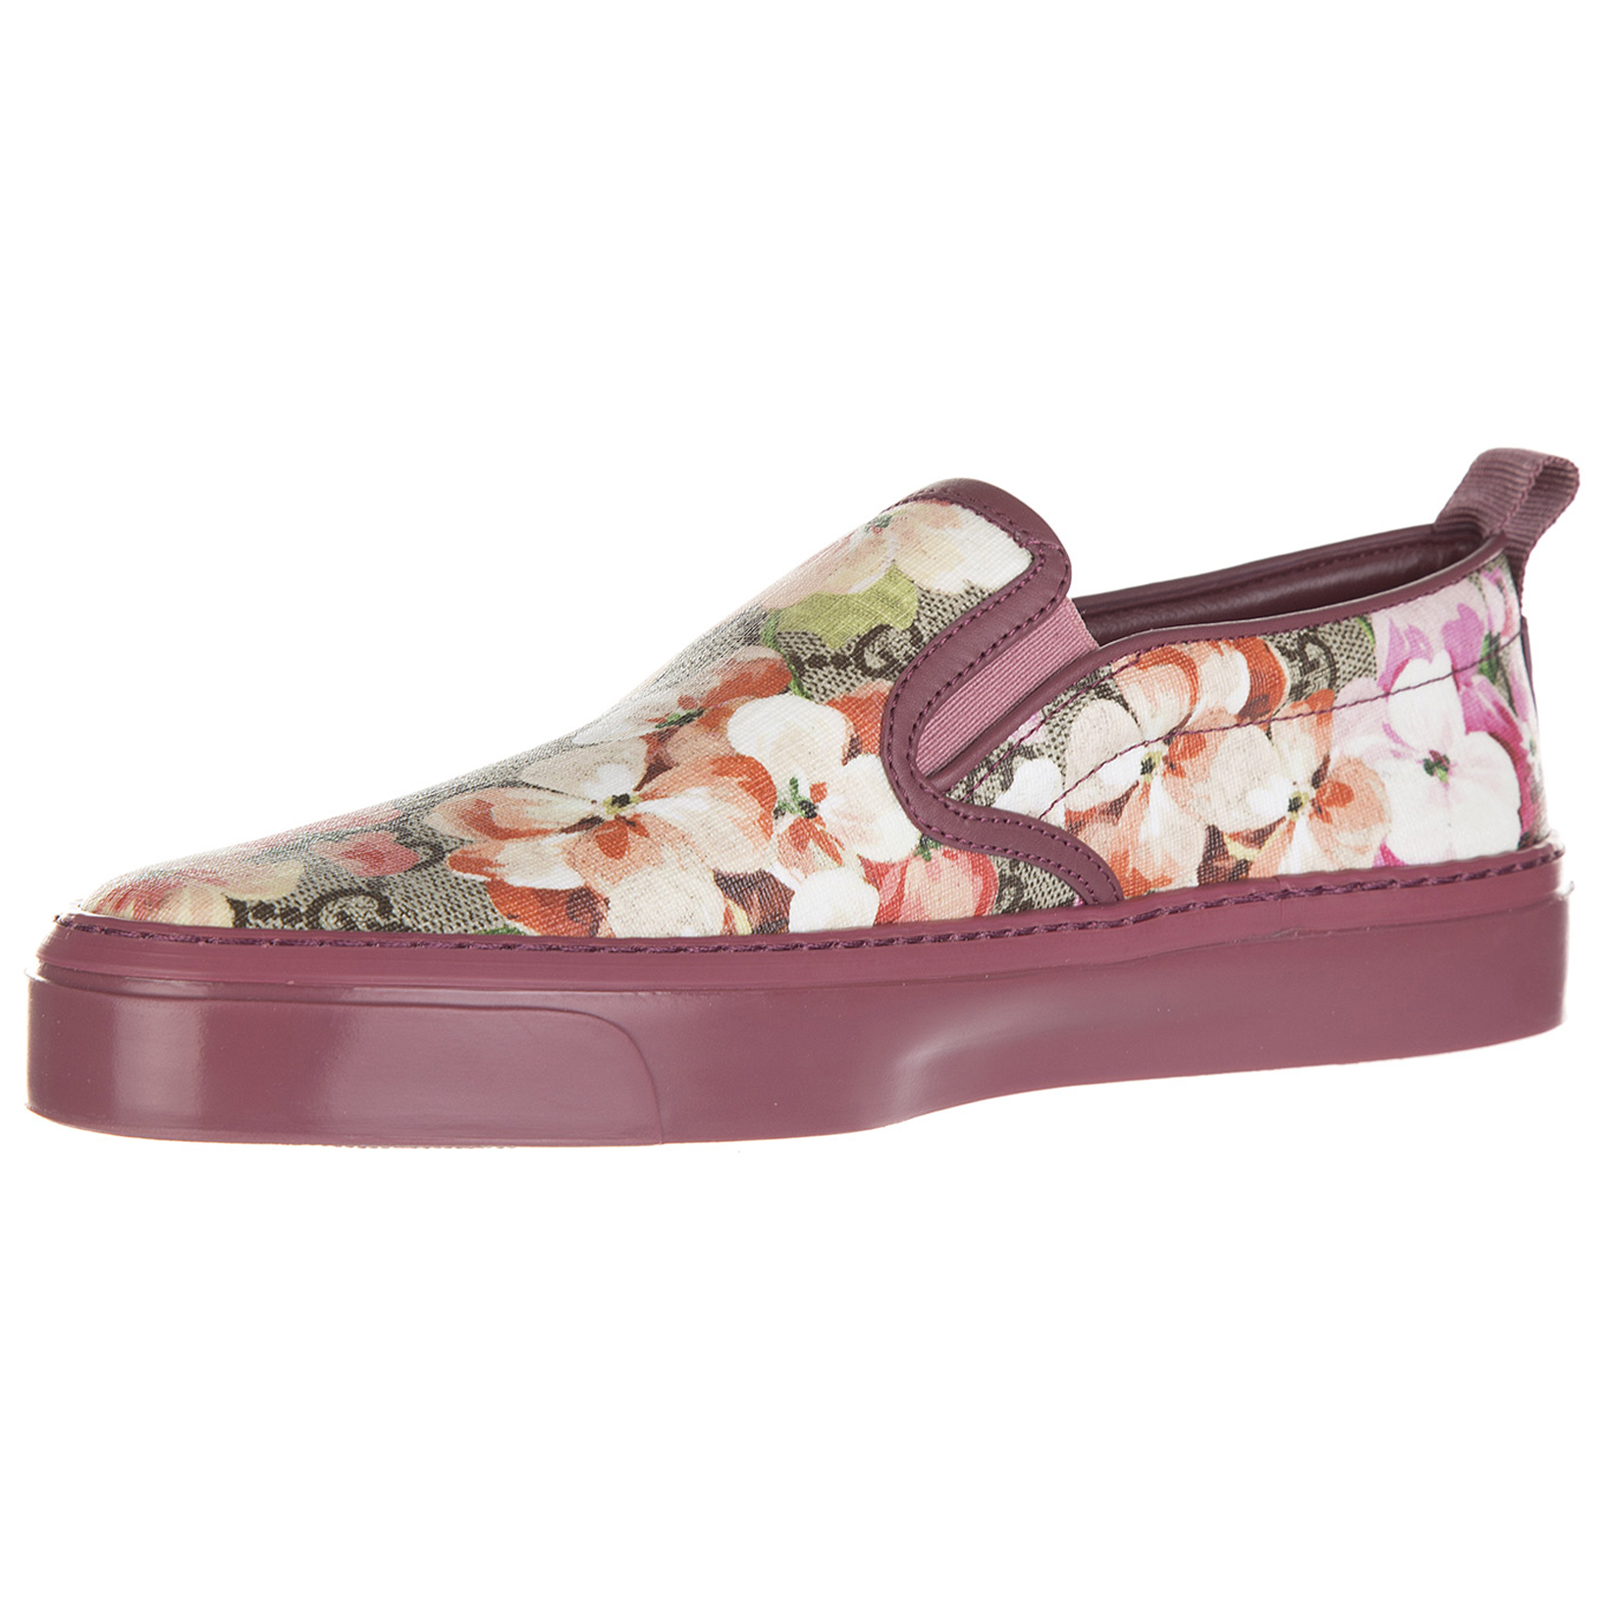 Women's slip on sneakers